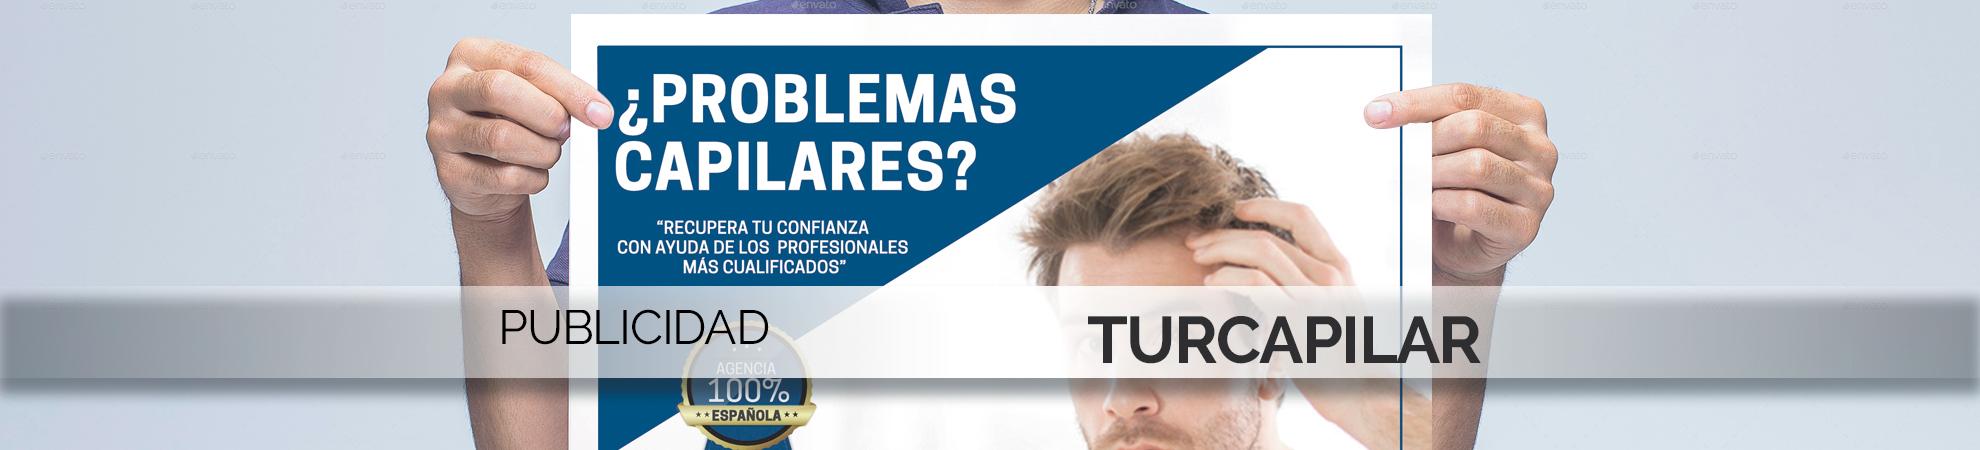 publicidad turcapilar